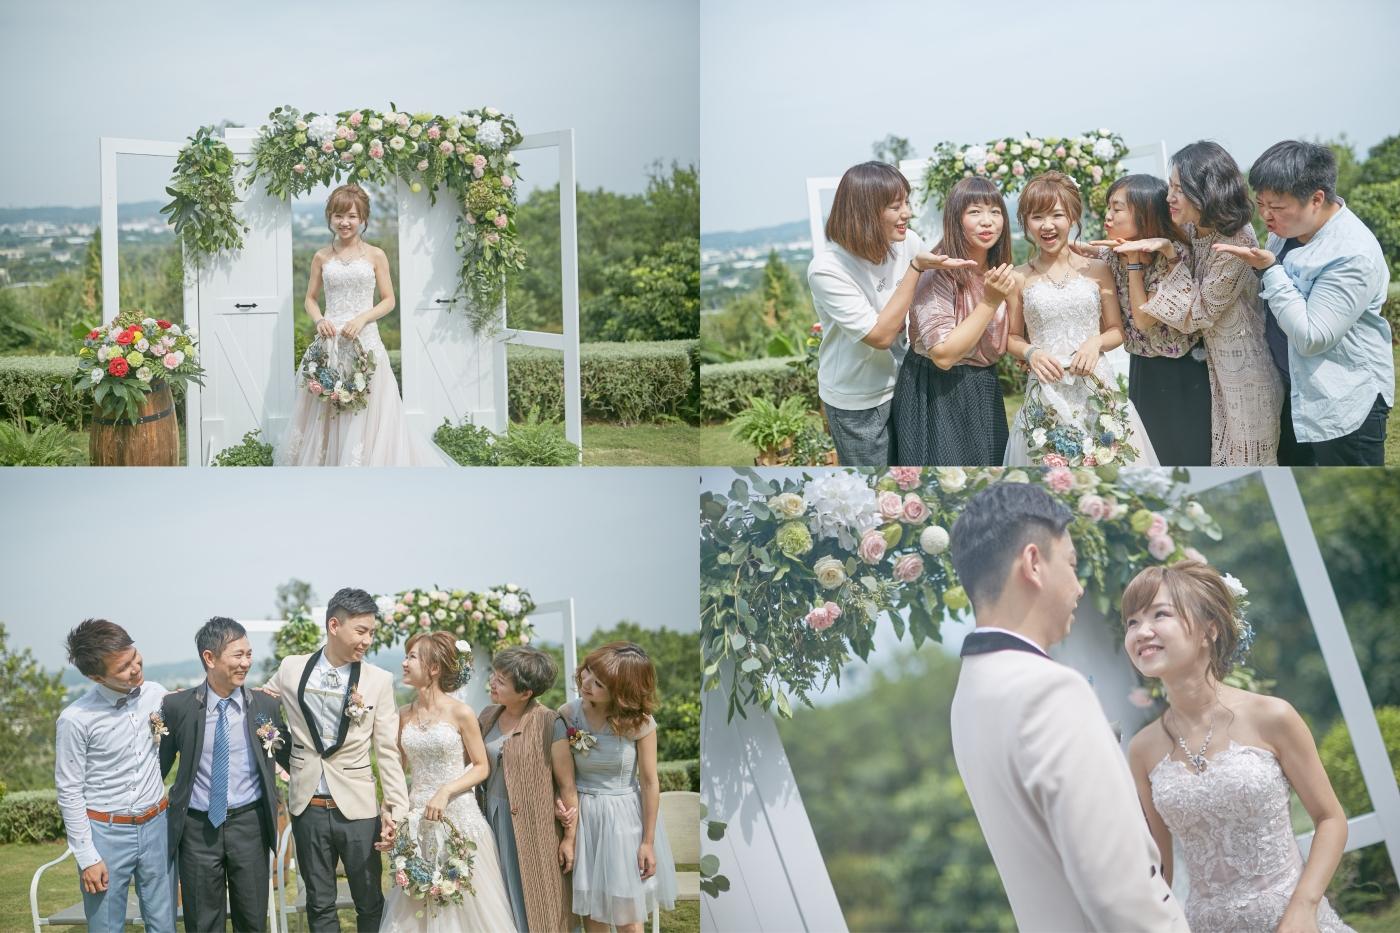 西式證婚流程|戶外證婚流程|婚禮流程|婚禮流程表|西式草坪婚禮|戶外證婚時間|嘉義戶外證婚|嘉義婚佈推薦|憶起幸福|幸福山丘|新人交換誓詞|證婚拍照|婚禮合照